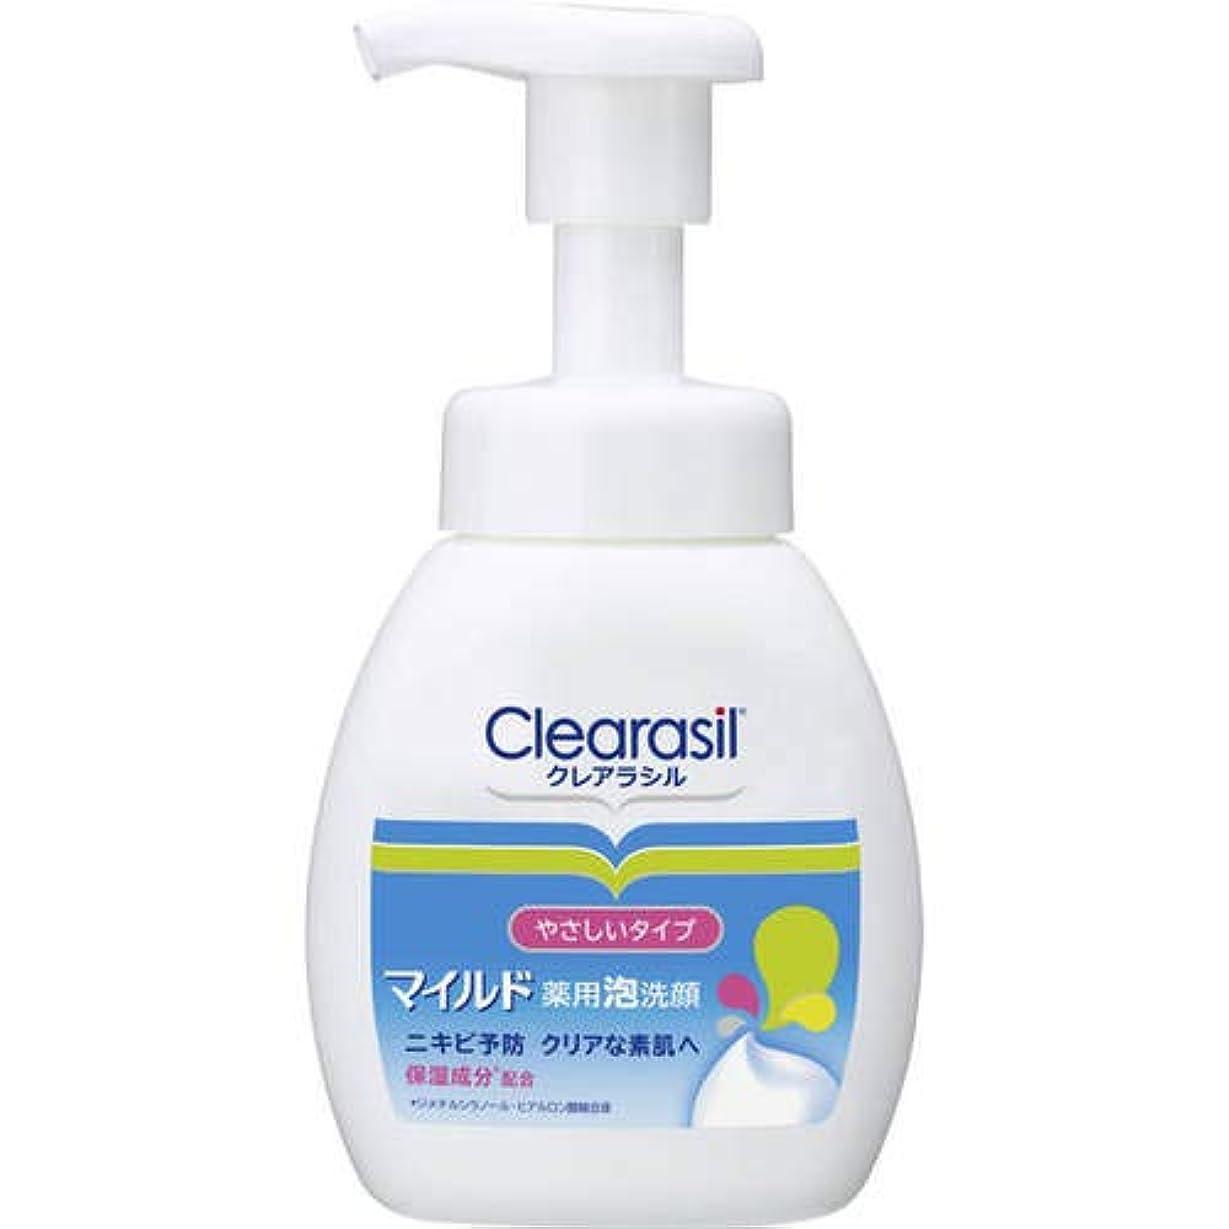 感謝するブロー存在クレアラシル 薬用 泡洗顔フォーム マイルドタイプ 200ml